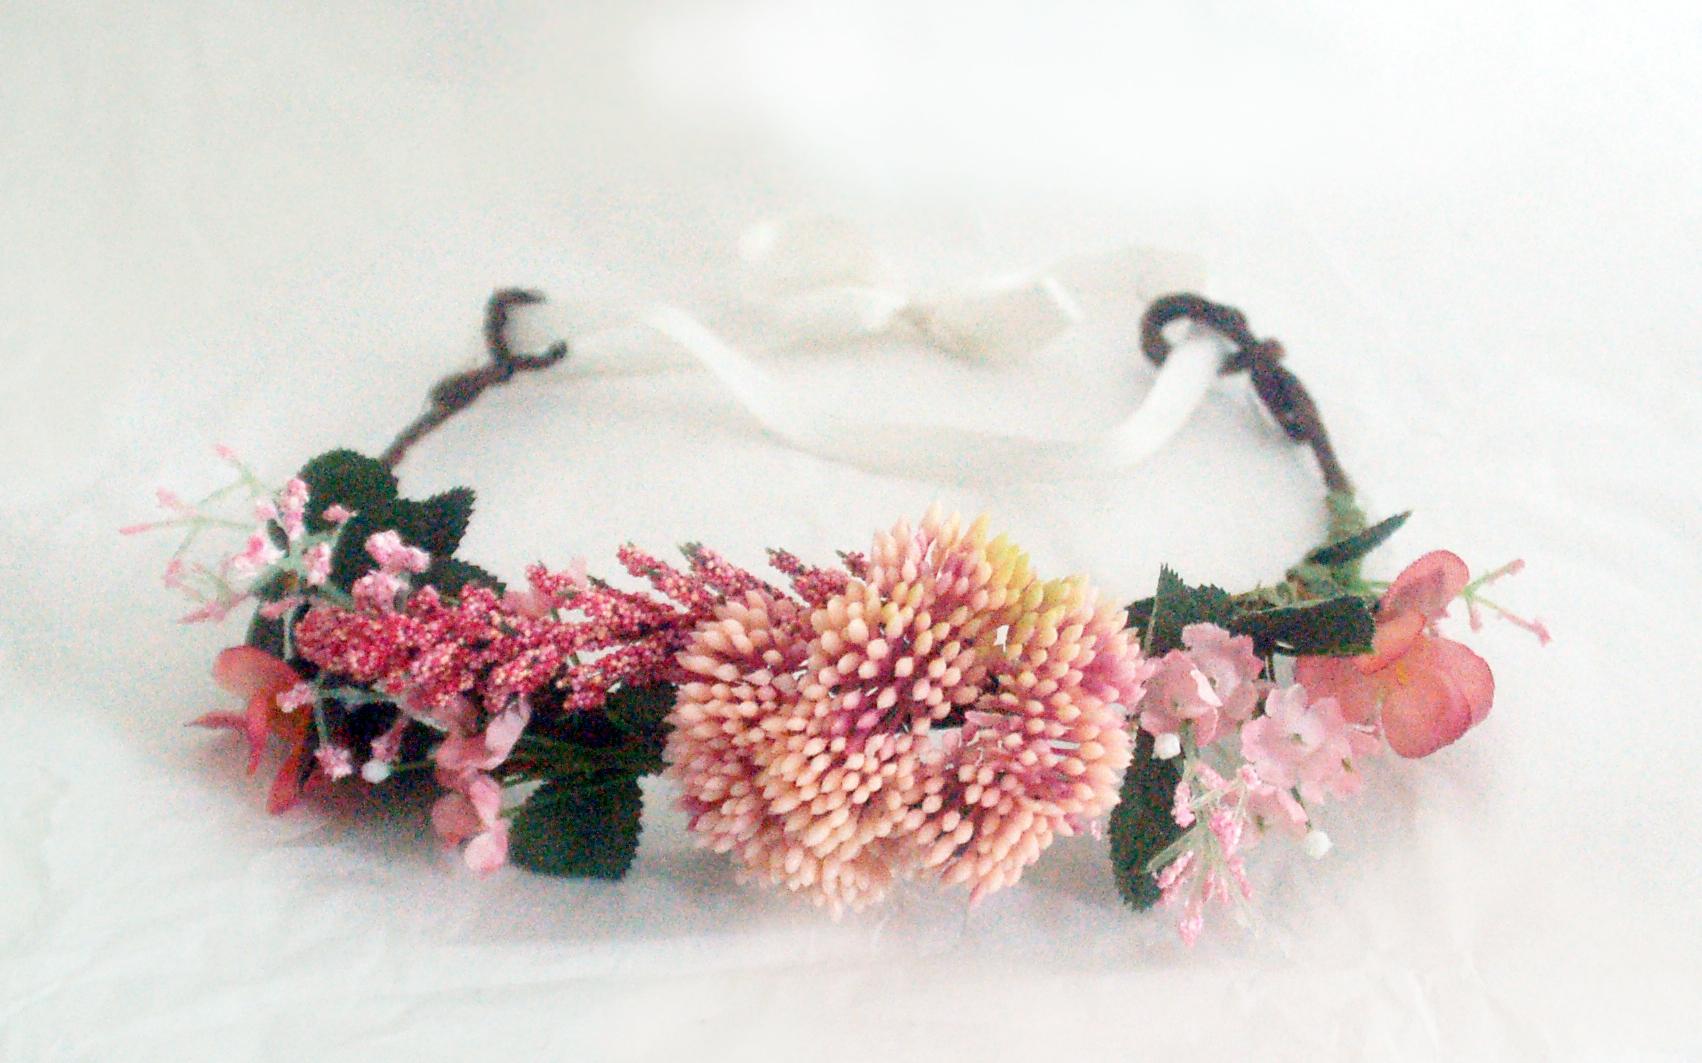 Couronne de fleurs rose et verte pour mariage c r monie demoiselle d 39 honneur anniversaire - Couronne fleurs mariee ...